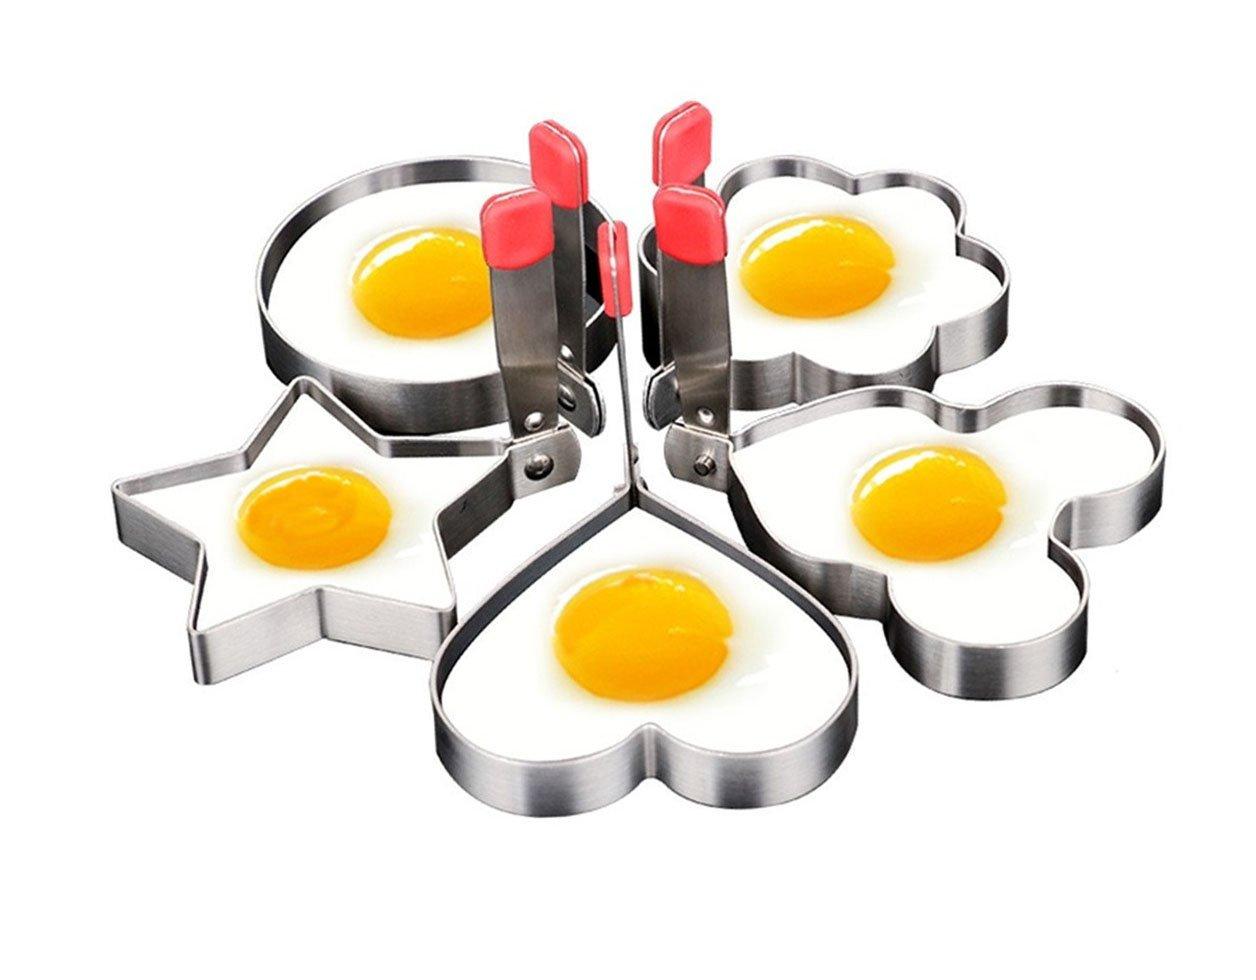 JV16 Egg Mold Ring Pancake Nonstick Stainless Steel Set of 5PCS by JV16